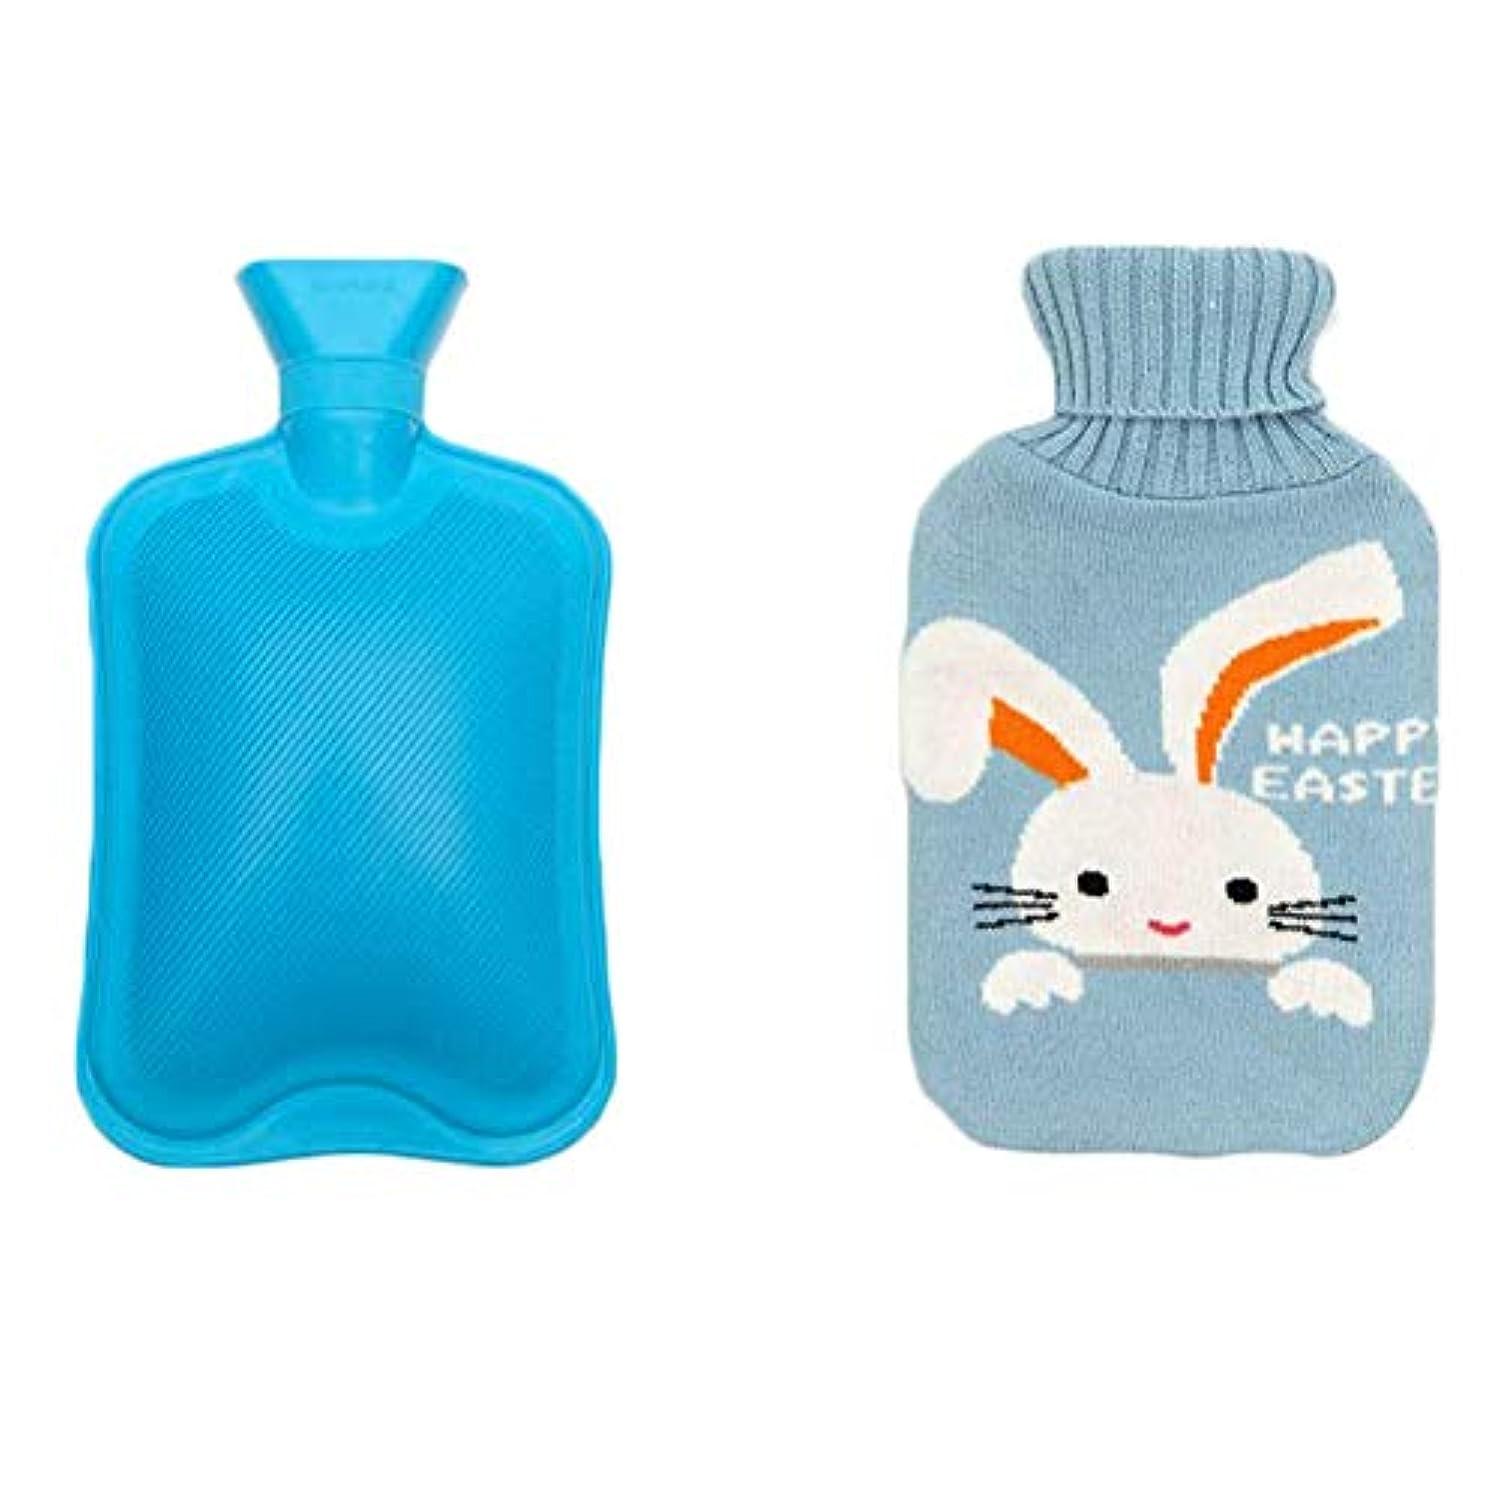 バケットアンタゴニスト耐えられるかわいいウサギのデザイン 冬のホットボトル1リットル